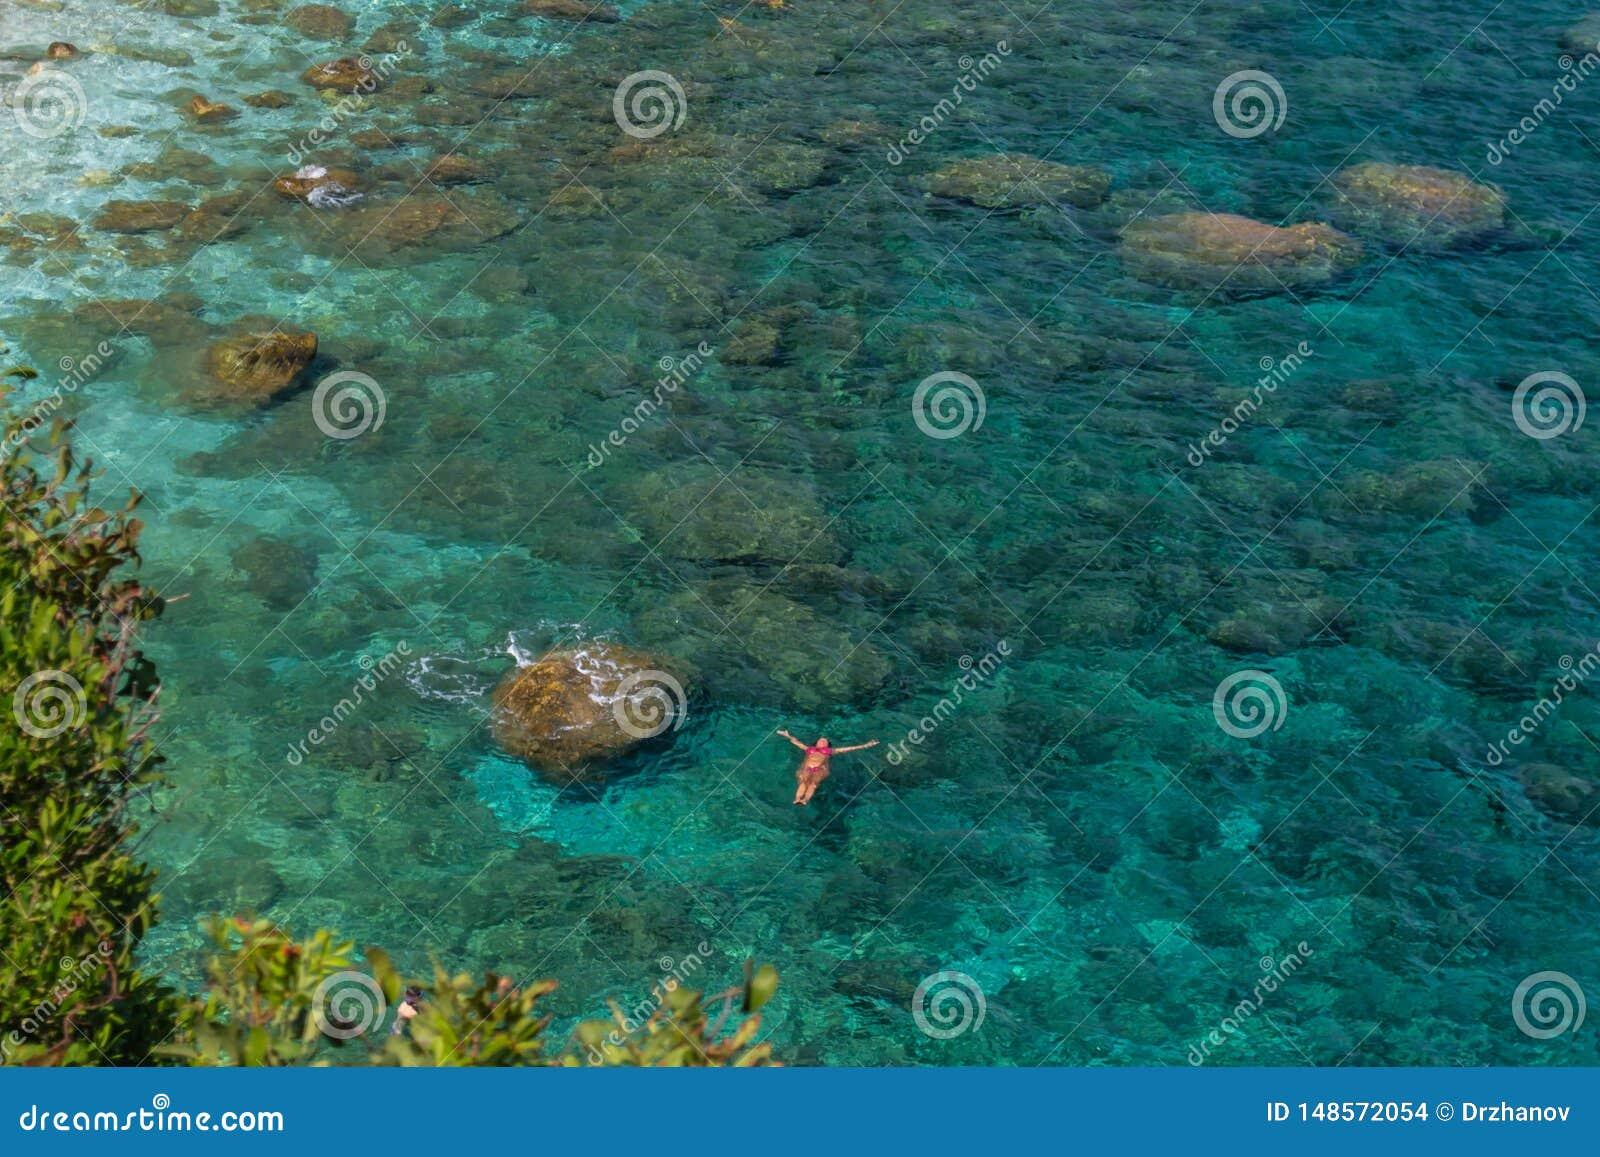 Η ανύπαντρη βάζει στο όμορφο κρύσταλλο aquamarine - σαφές νερό στη χαλάρωση, τοπ άποψη από το ύψος